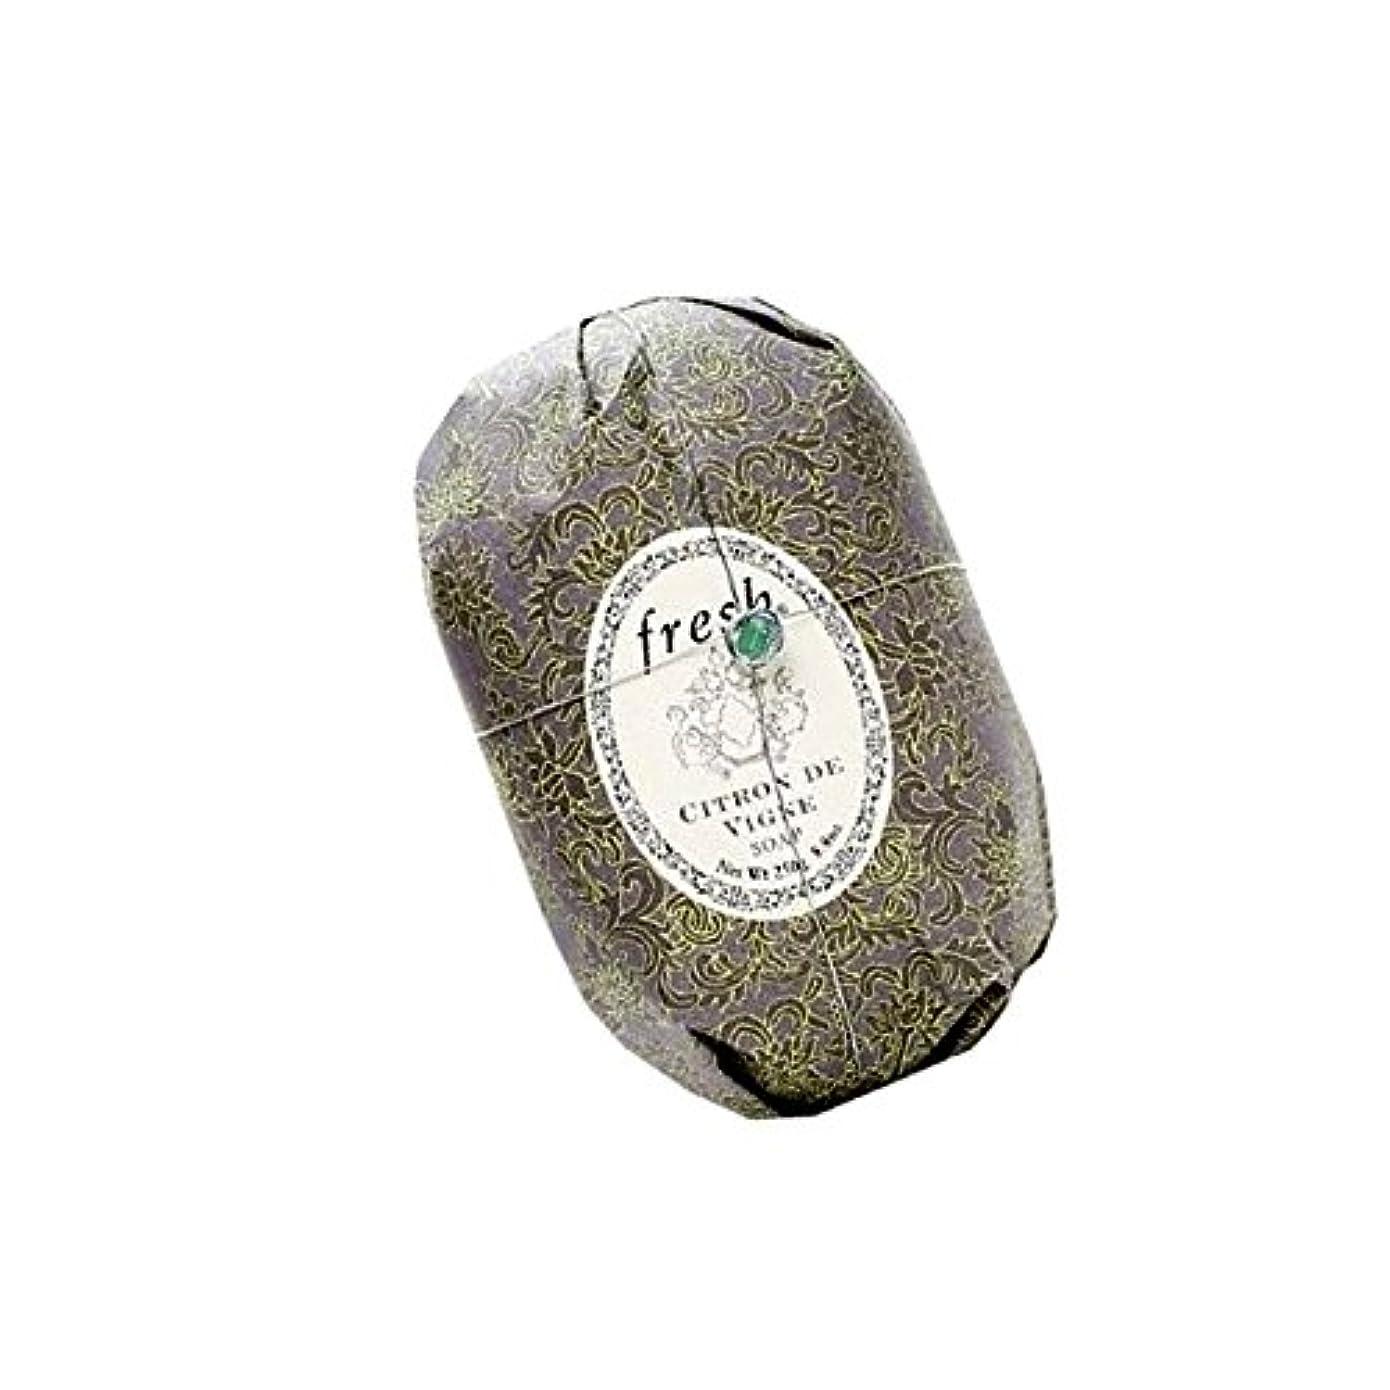 真空代数的複合Fresh フレッシュ Citron de Vigne Soap 石鹸, 250g/8.8oz. [海外直送品] [並行輸入品]